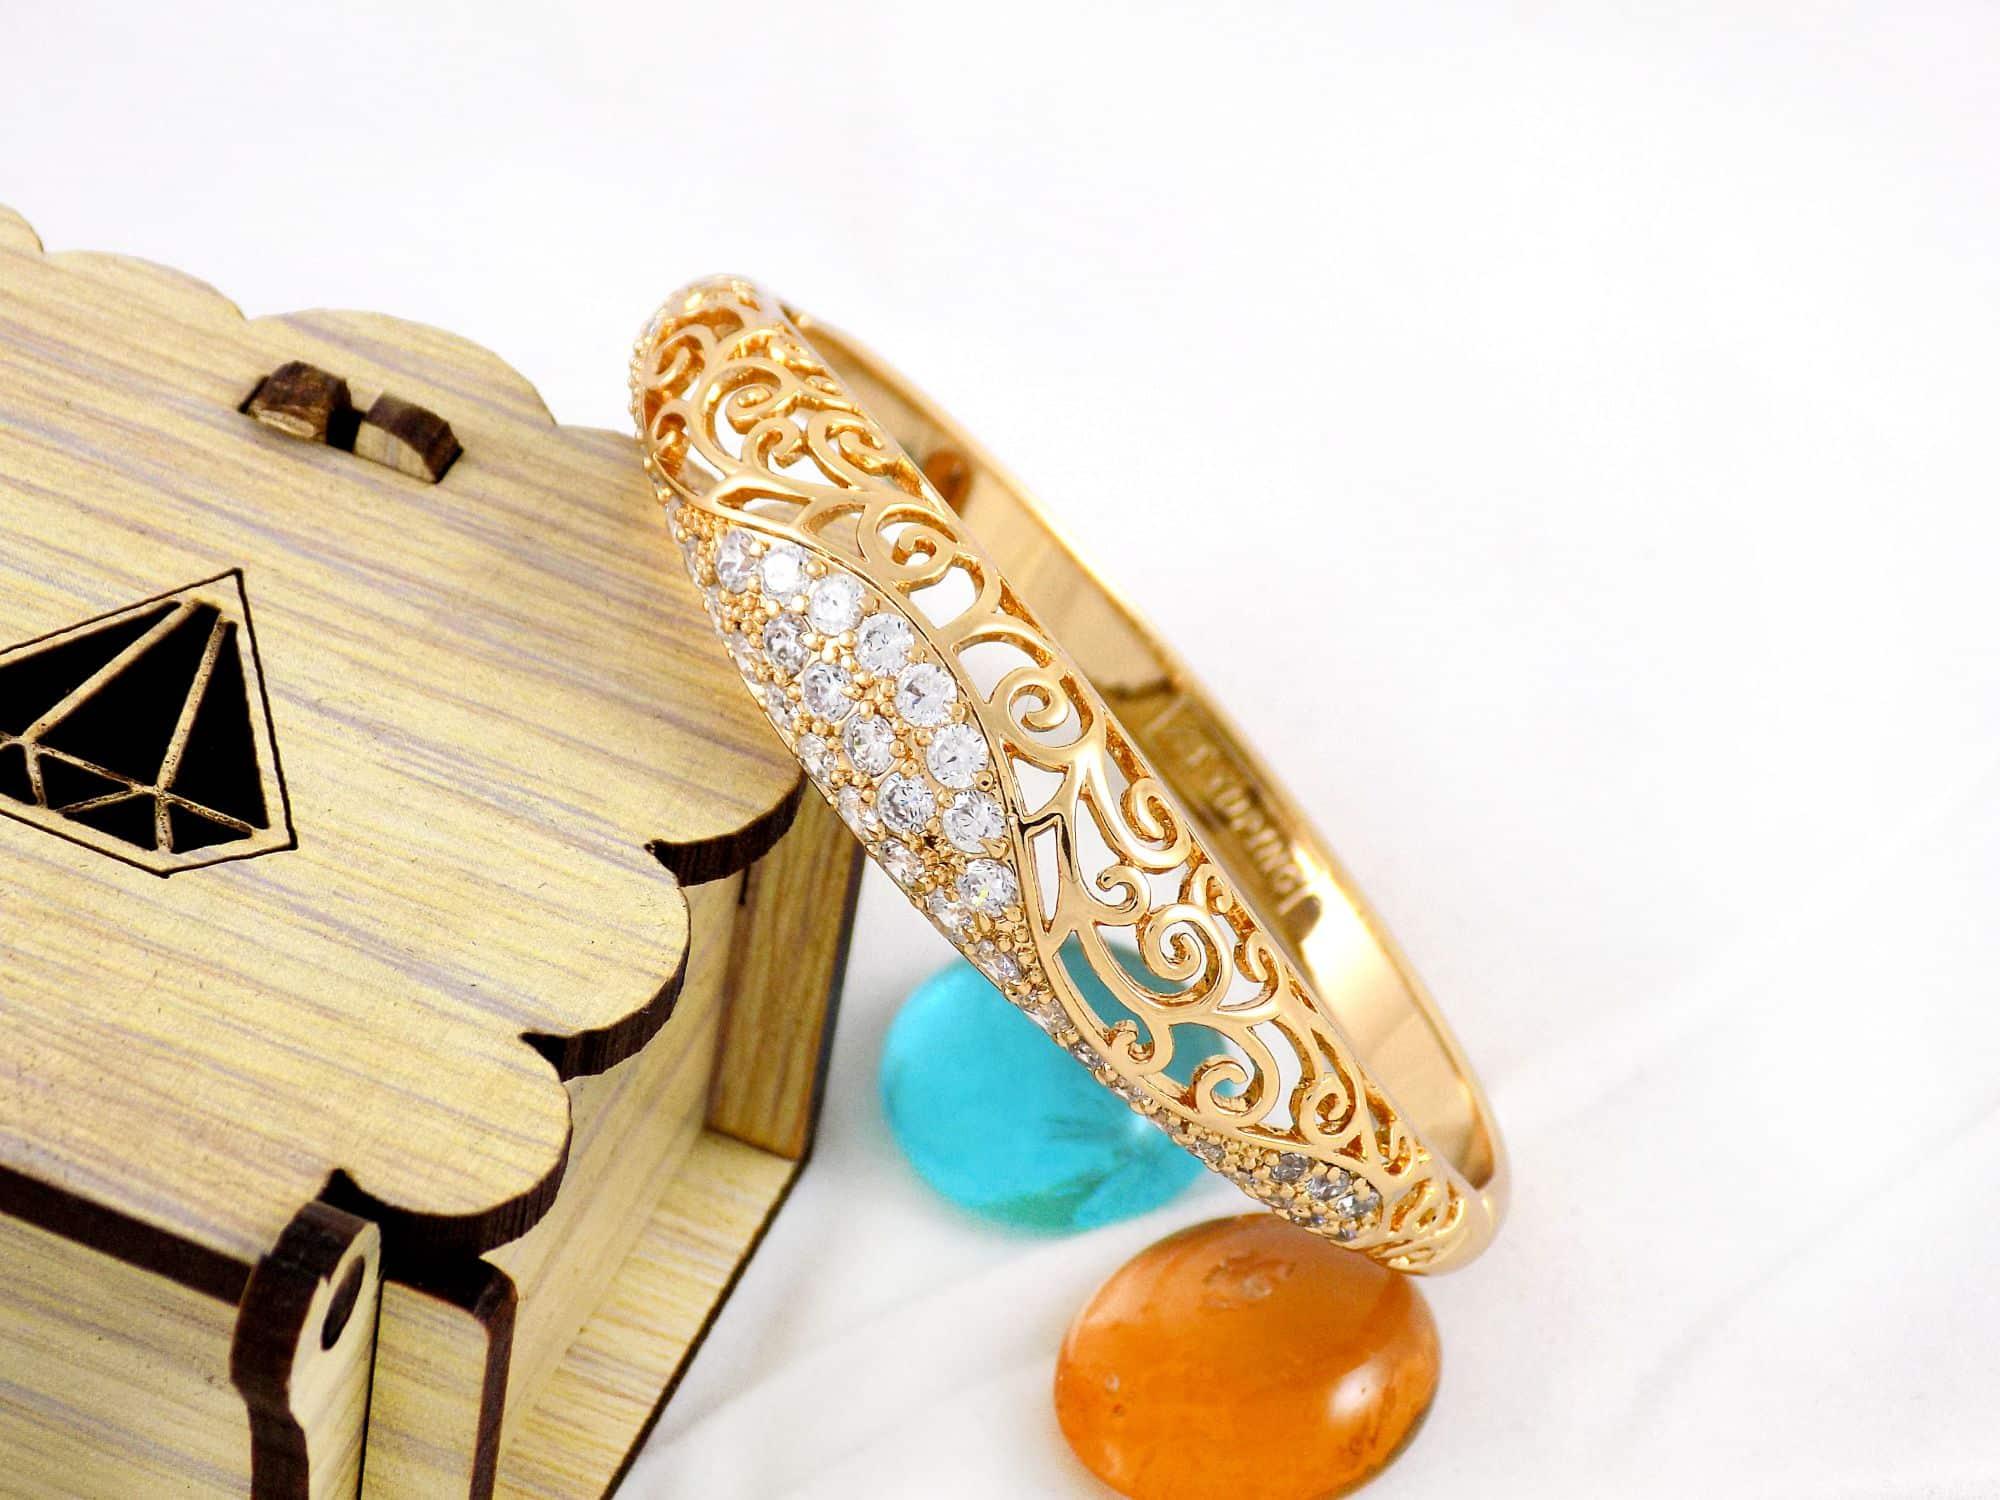 دستبند طرح طلای ژوپینگ با نگین های کریستالی سفید زیرکن ds-n162 از نمای دور